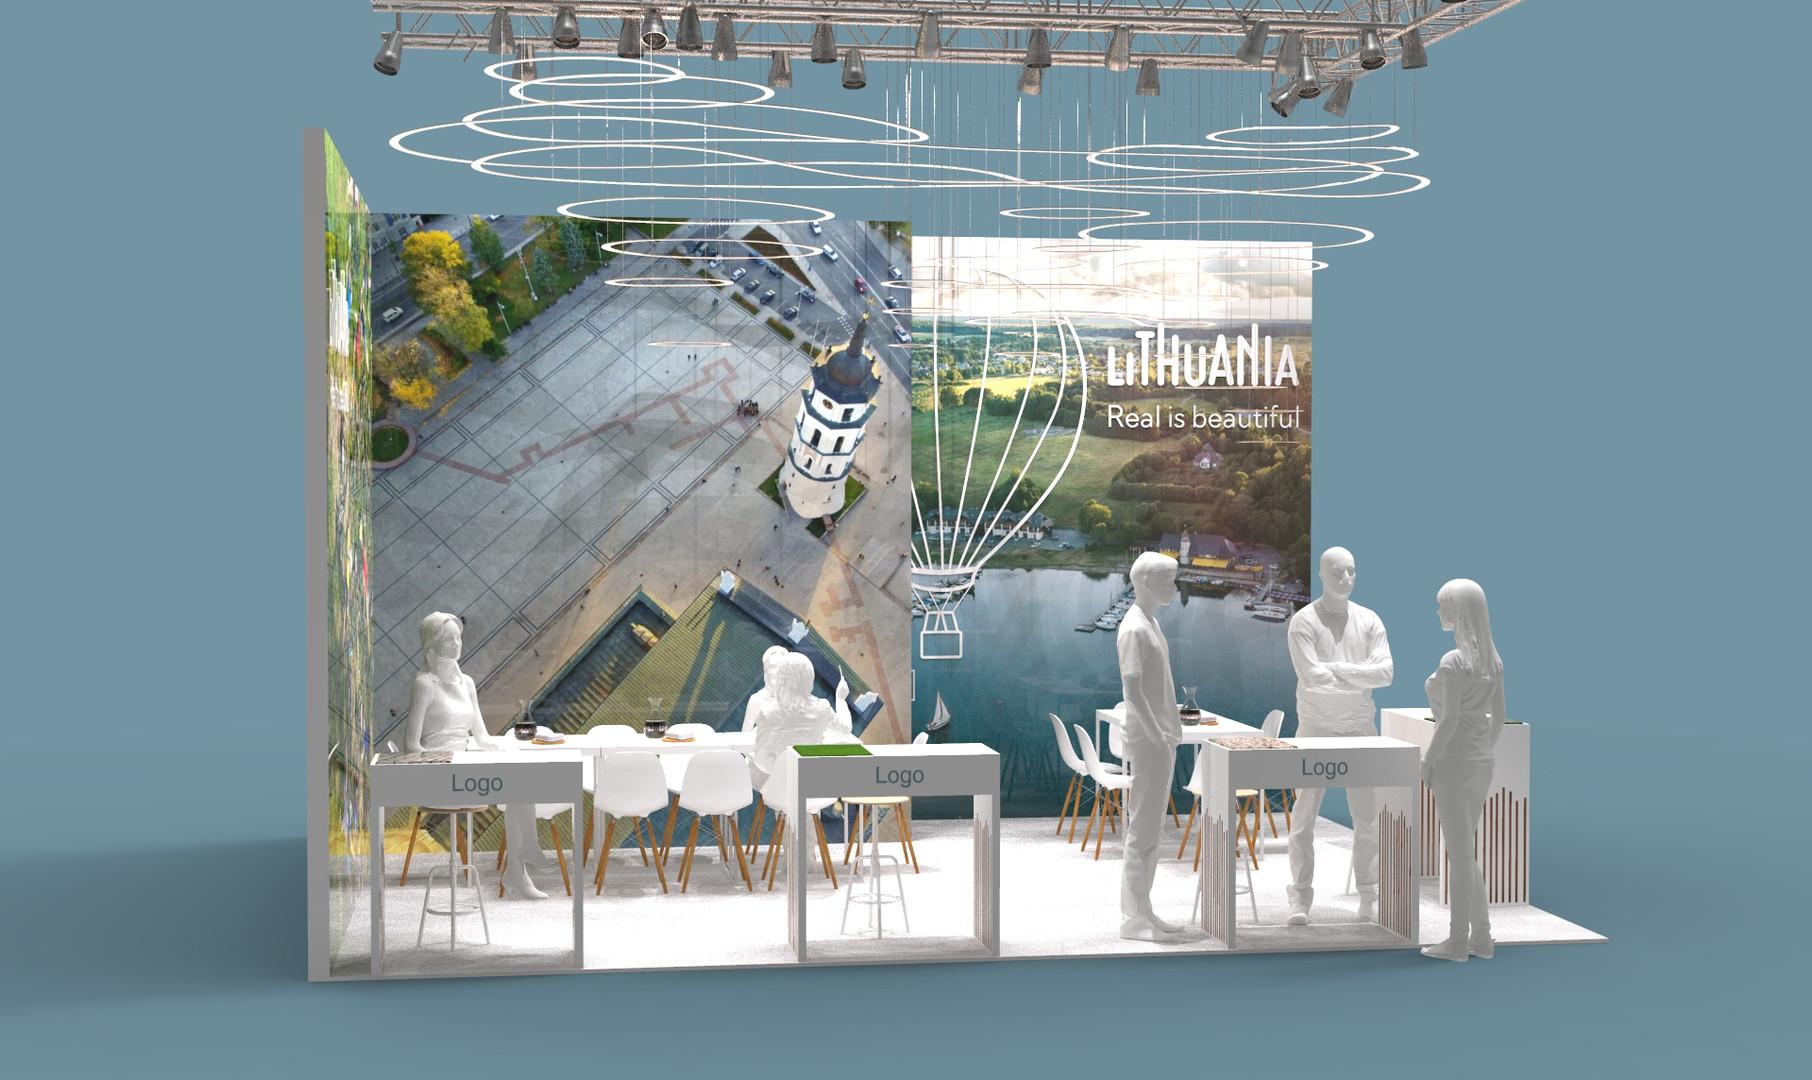 Tourism trade fair stand